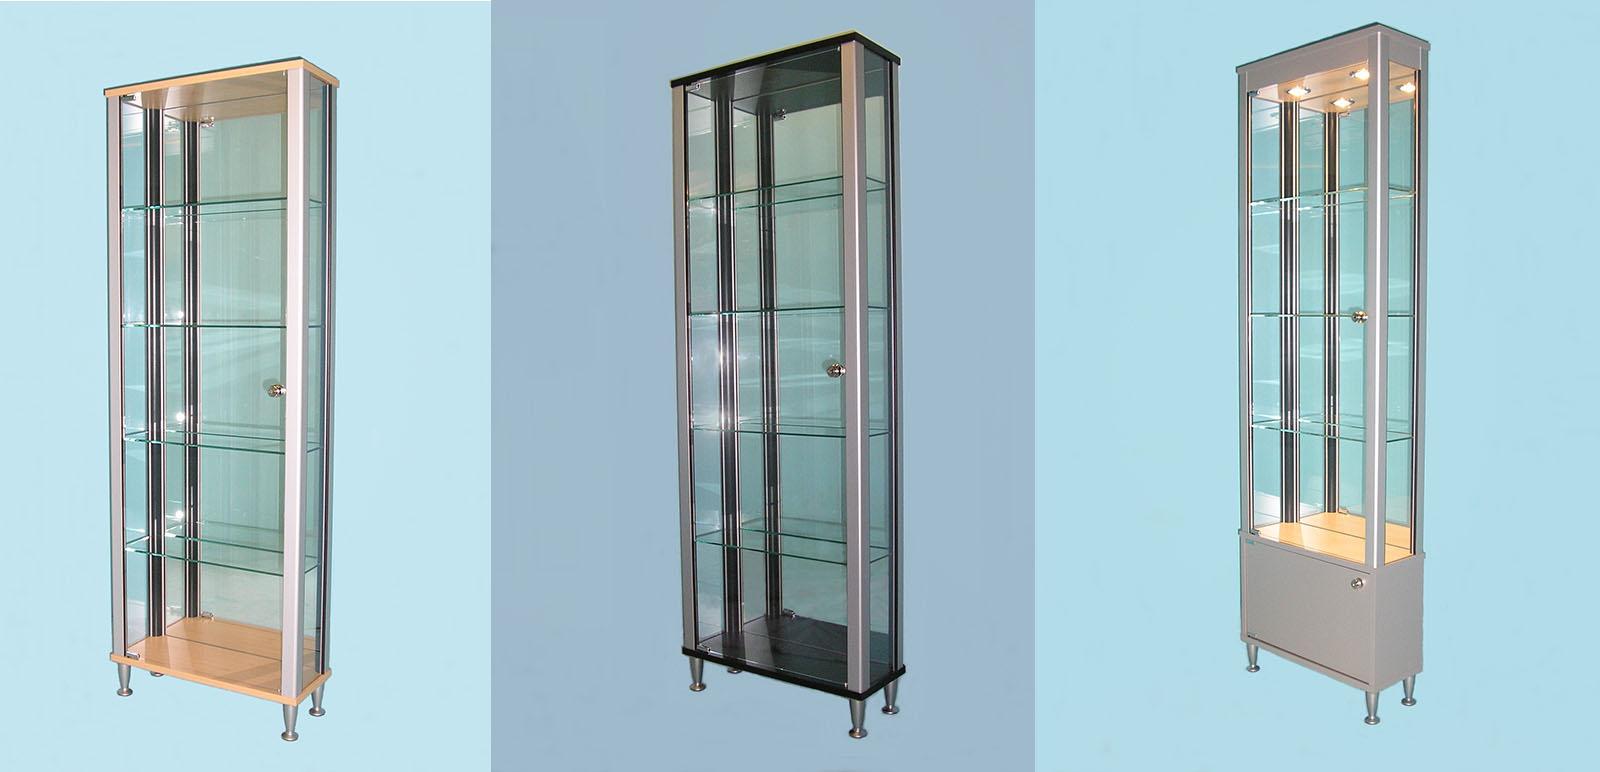 Designex Cabinets slimline glass display cabinets